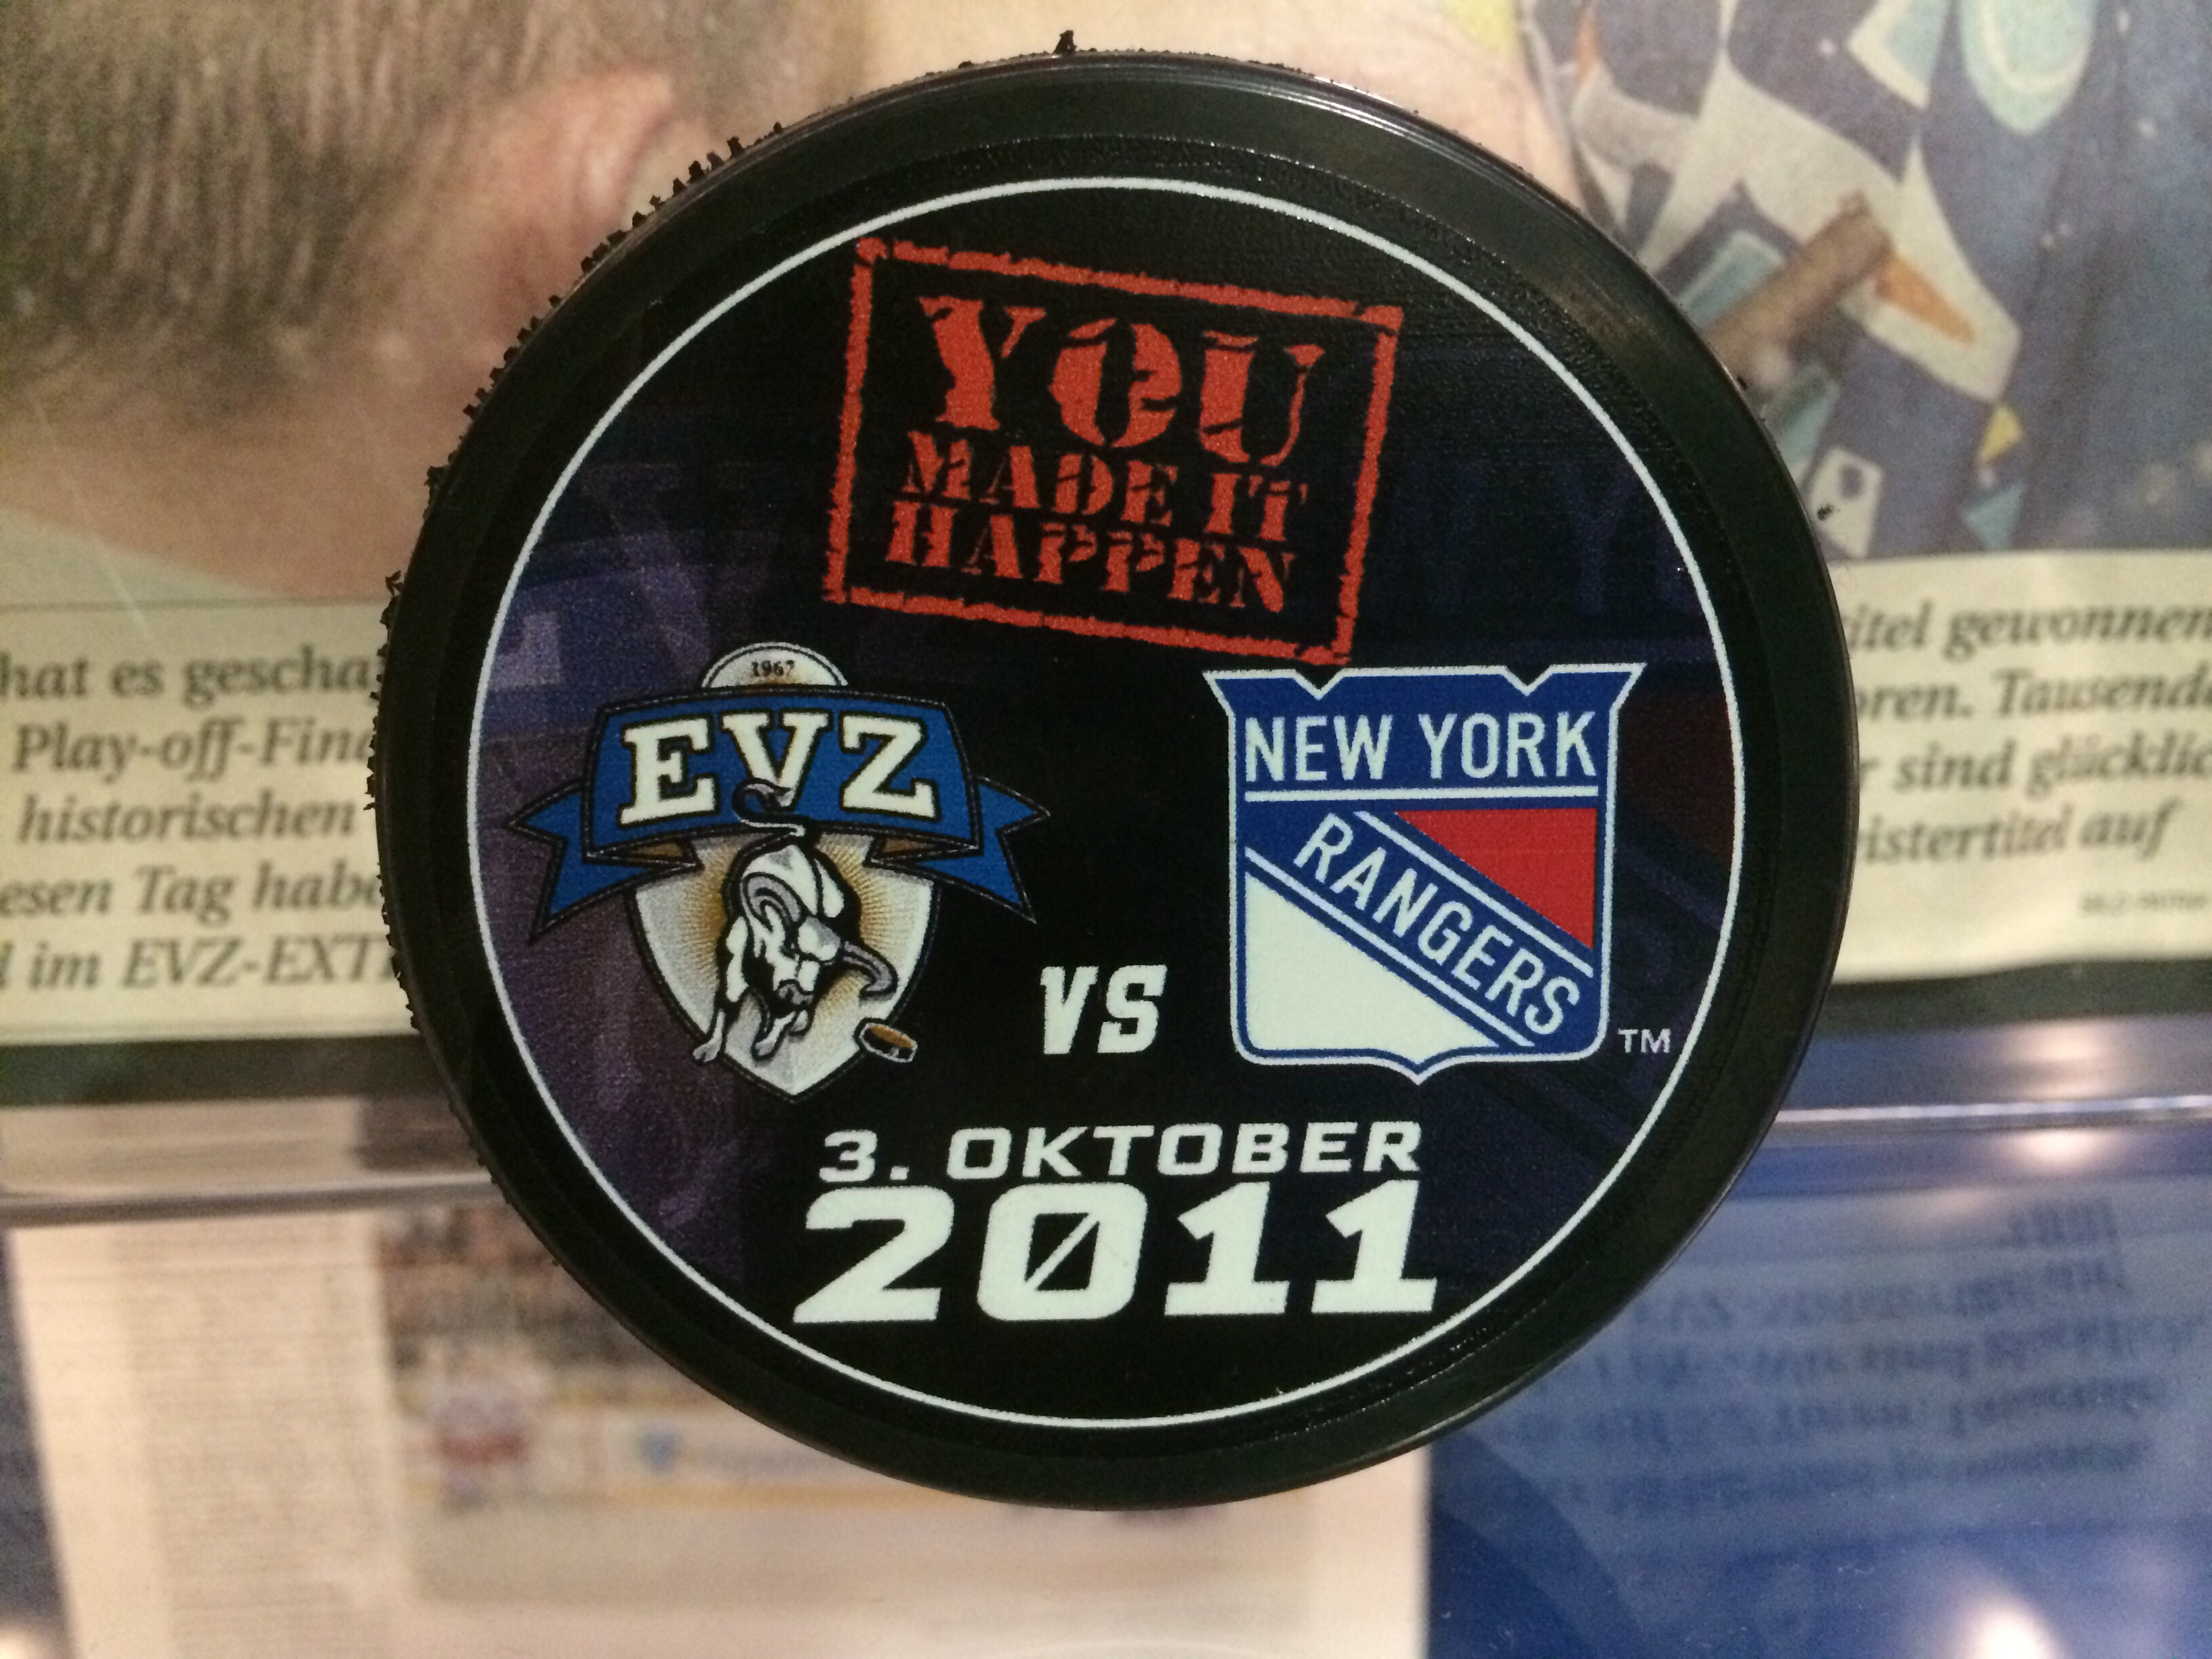 Ein historischer Tag für den EV Zug, am 3. Oktober 2011 werden die Rangers niedergekontert. (Foto: eishockeyblog.ch)